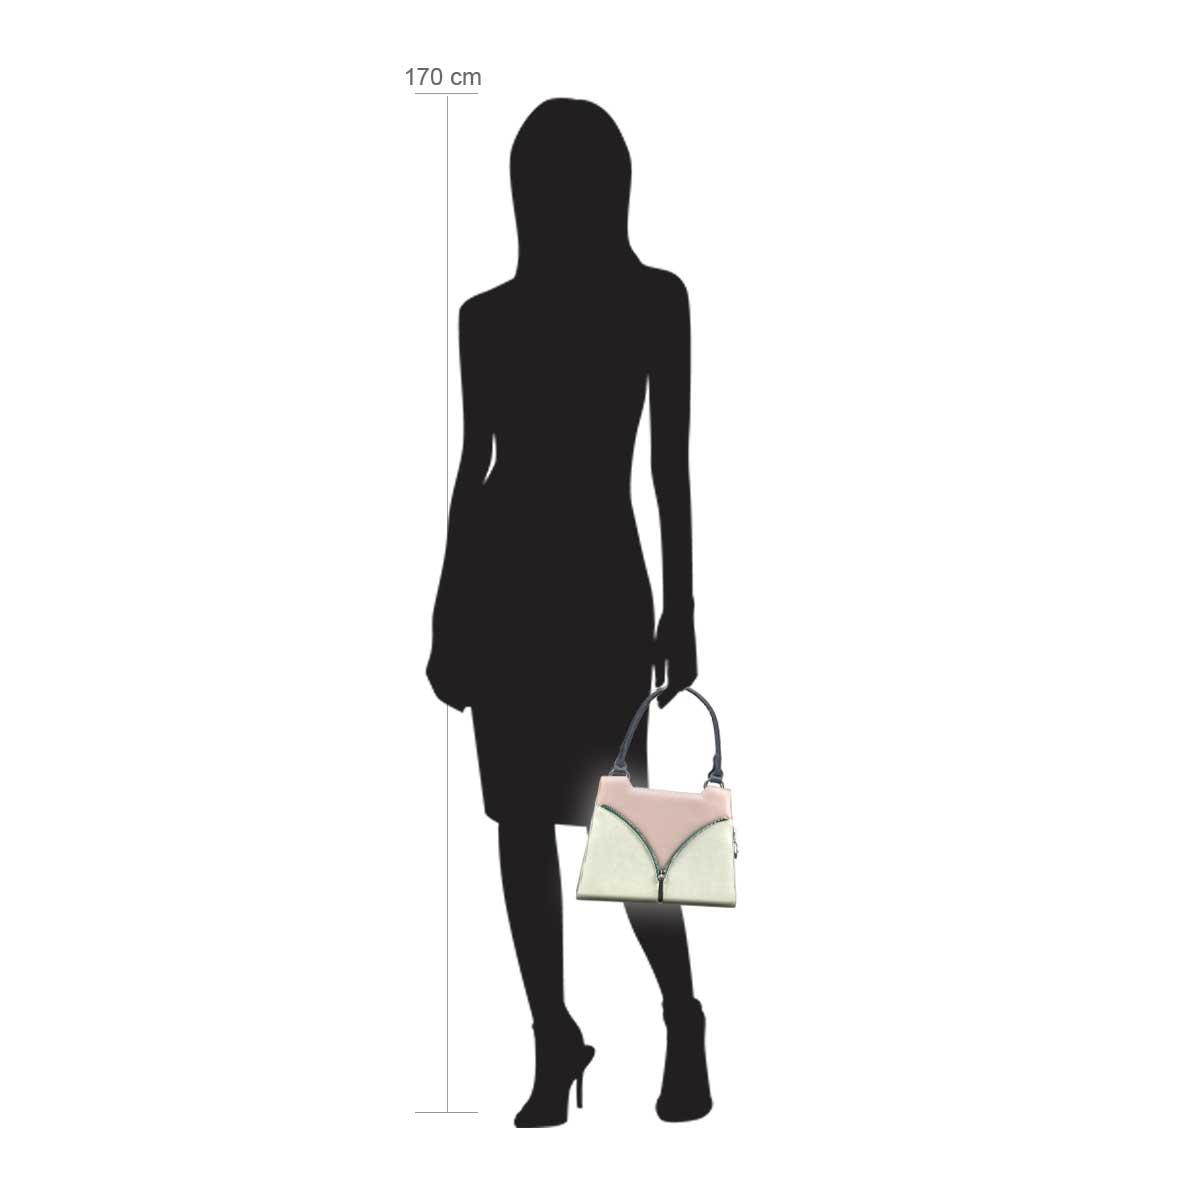 Modellpuppe 170 cm groß zeigt die Handtaschengröße an der Person Modell:Palau